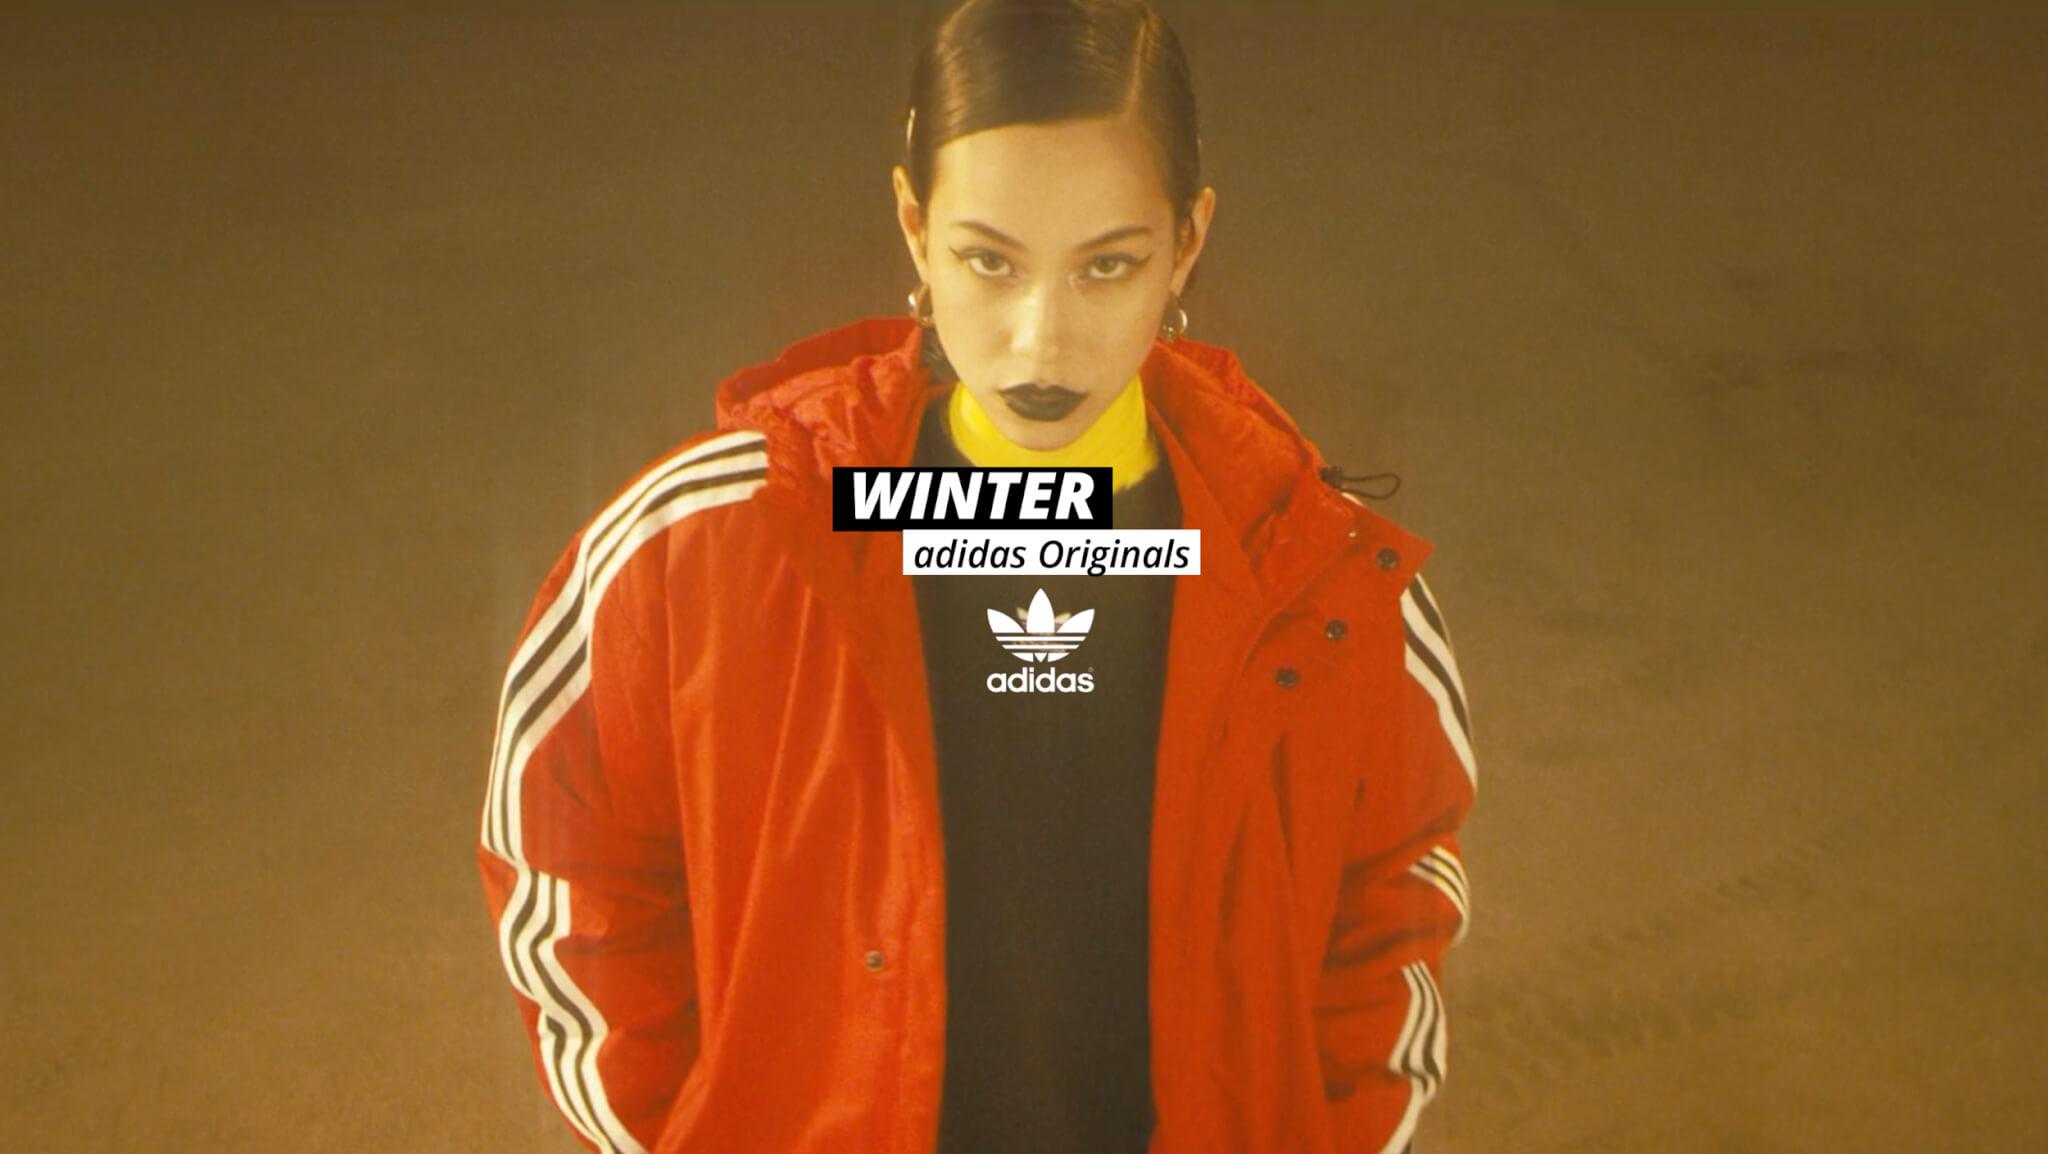 adidas Winter